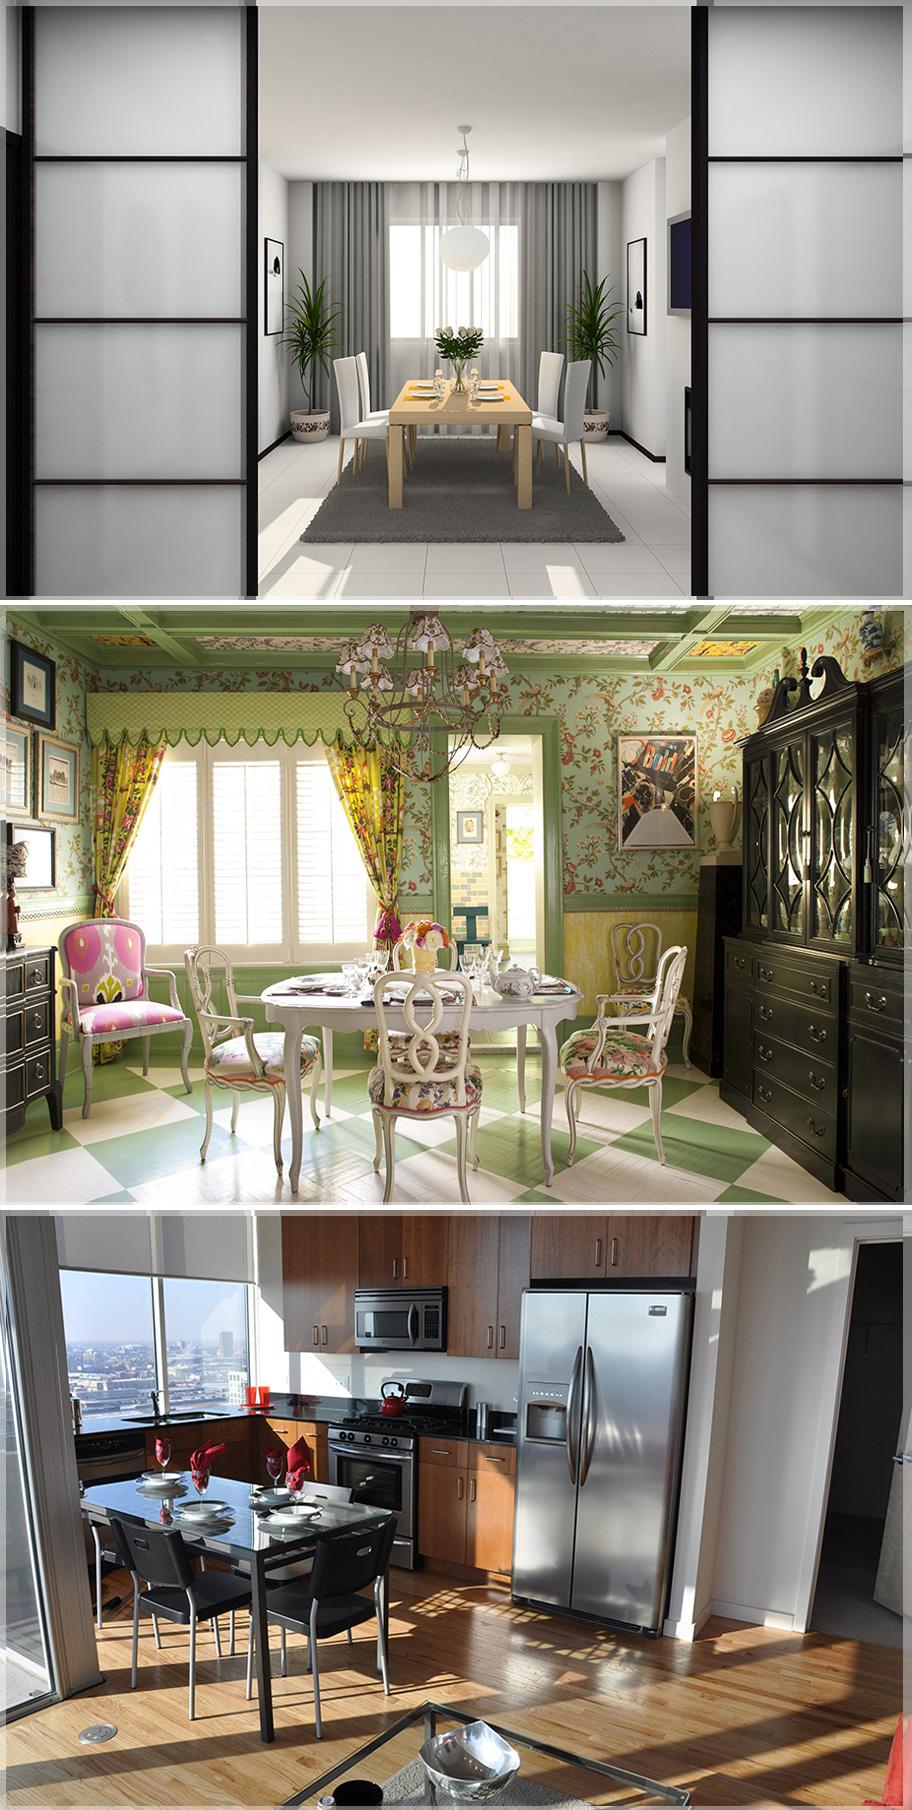 Desain Interior Ruang Makan Minimalis Sederhana Terbaru ...